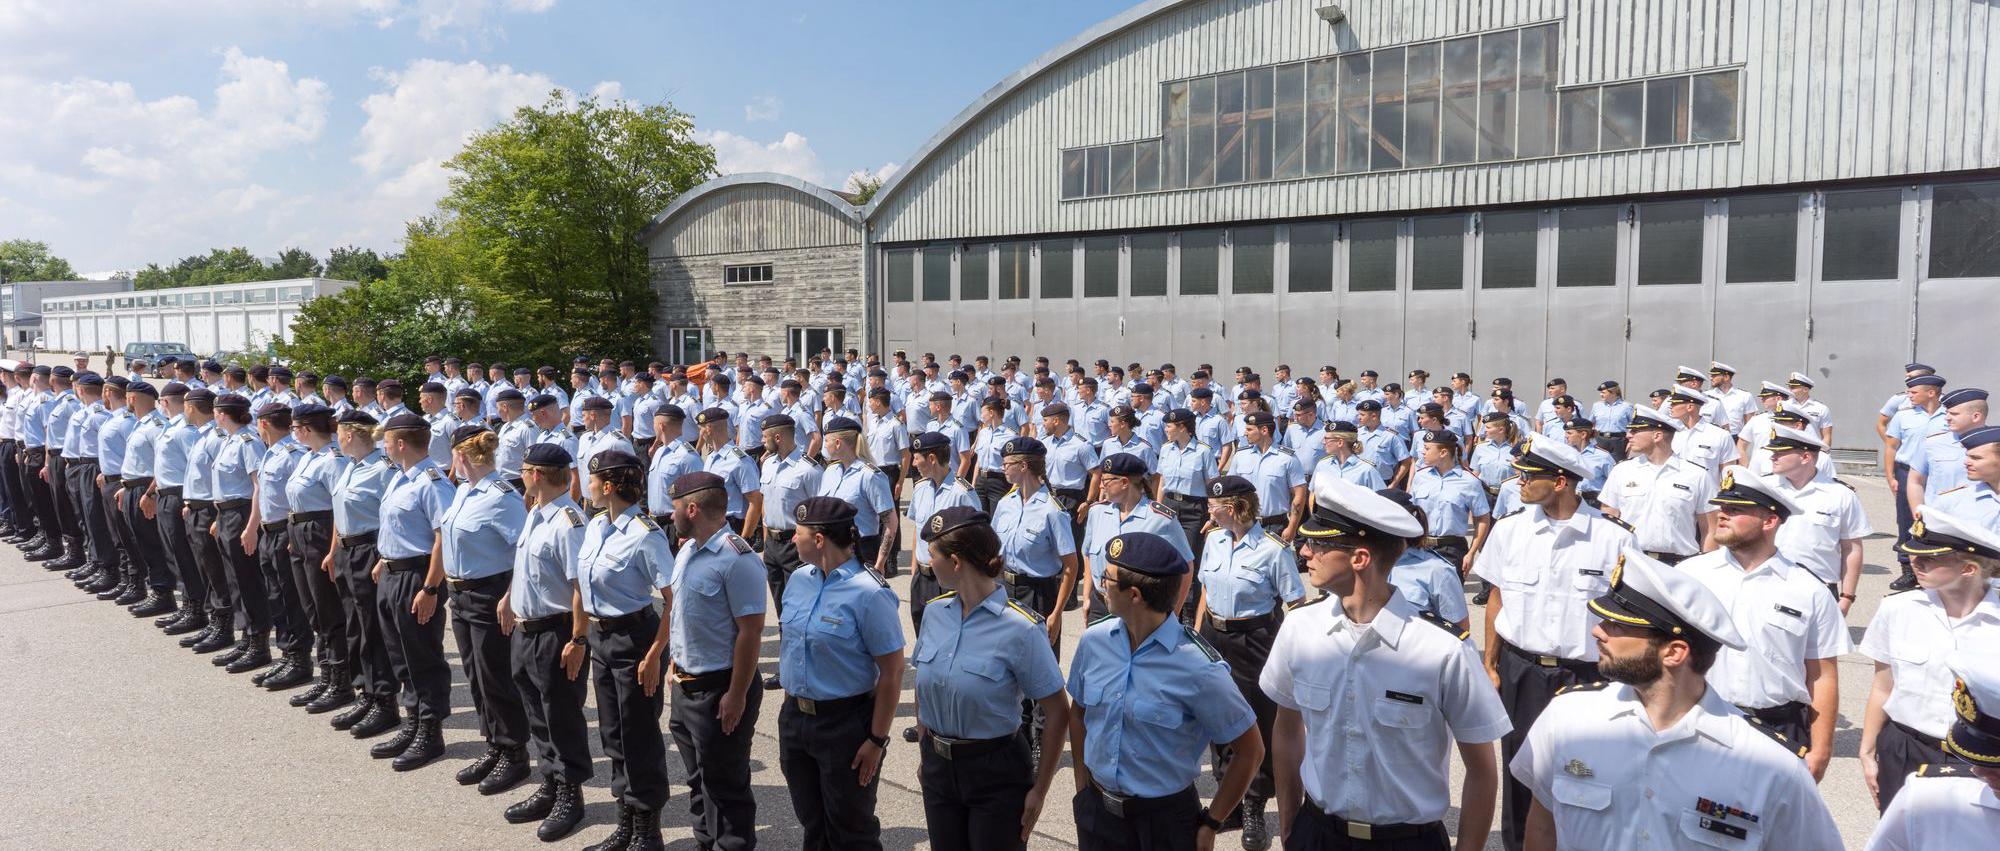 Bundeswehr Beförderung UniBW München Neubiberg